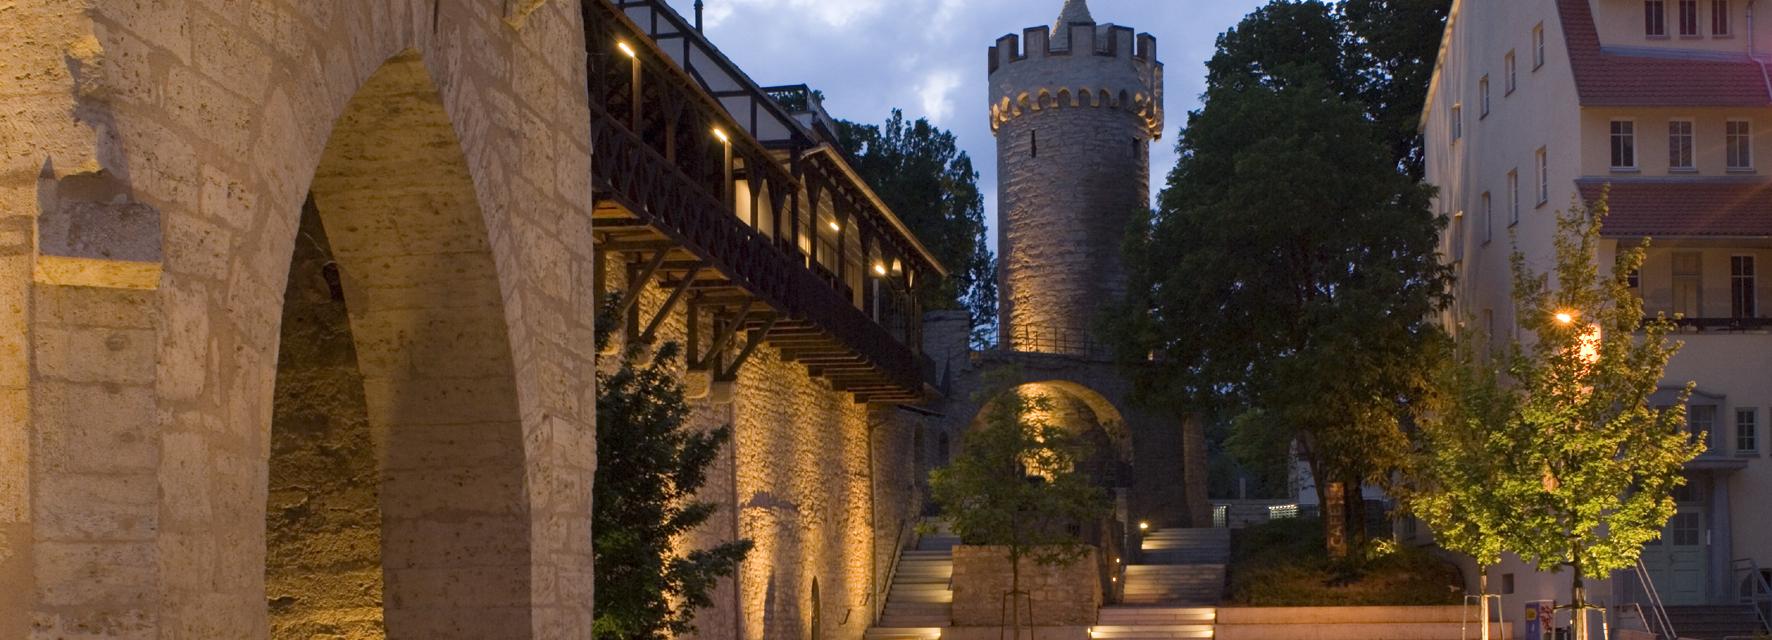 Blick zum Faulloch am Jonannistor Jena. Beim Rundgang von Turm zu Turm ist man ganz nah dran! © JenaKultur, Foto: Toma Babovic